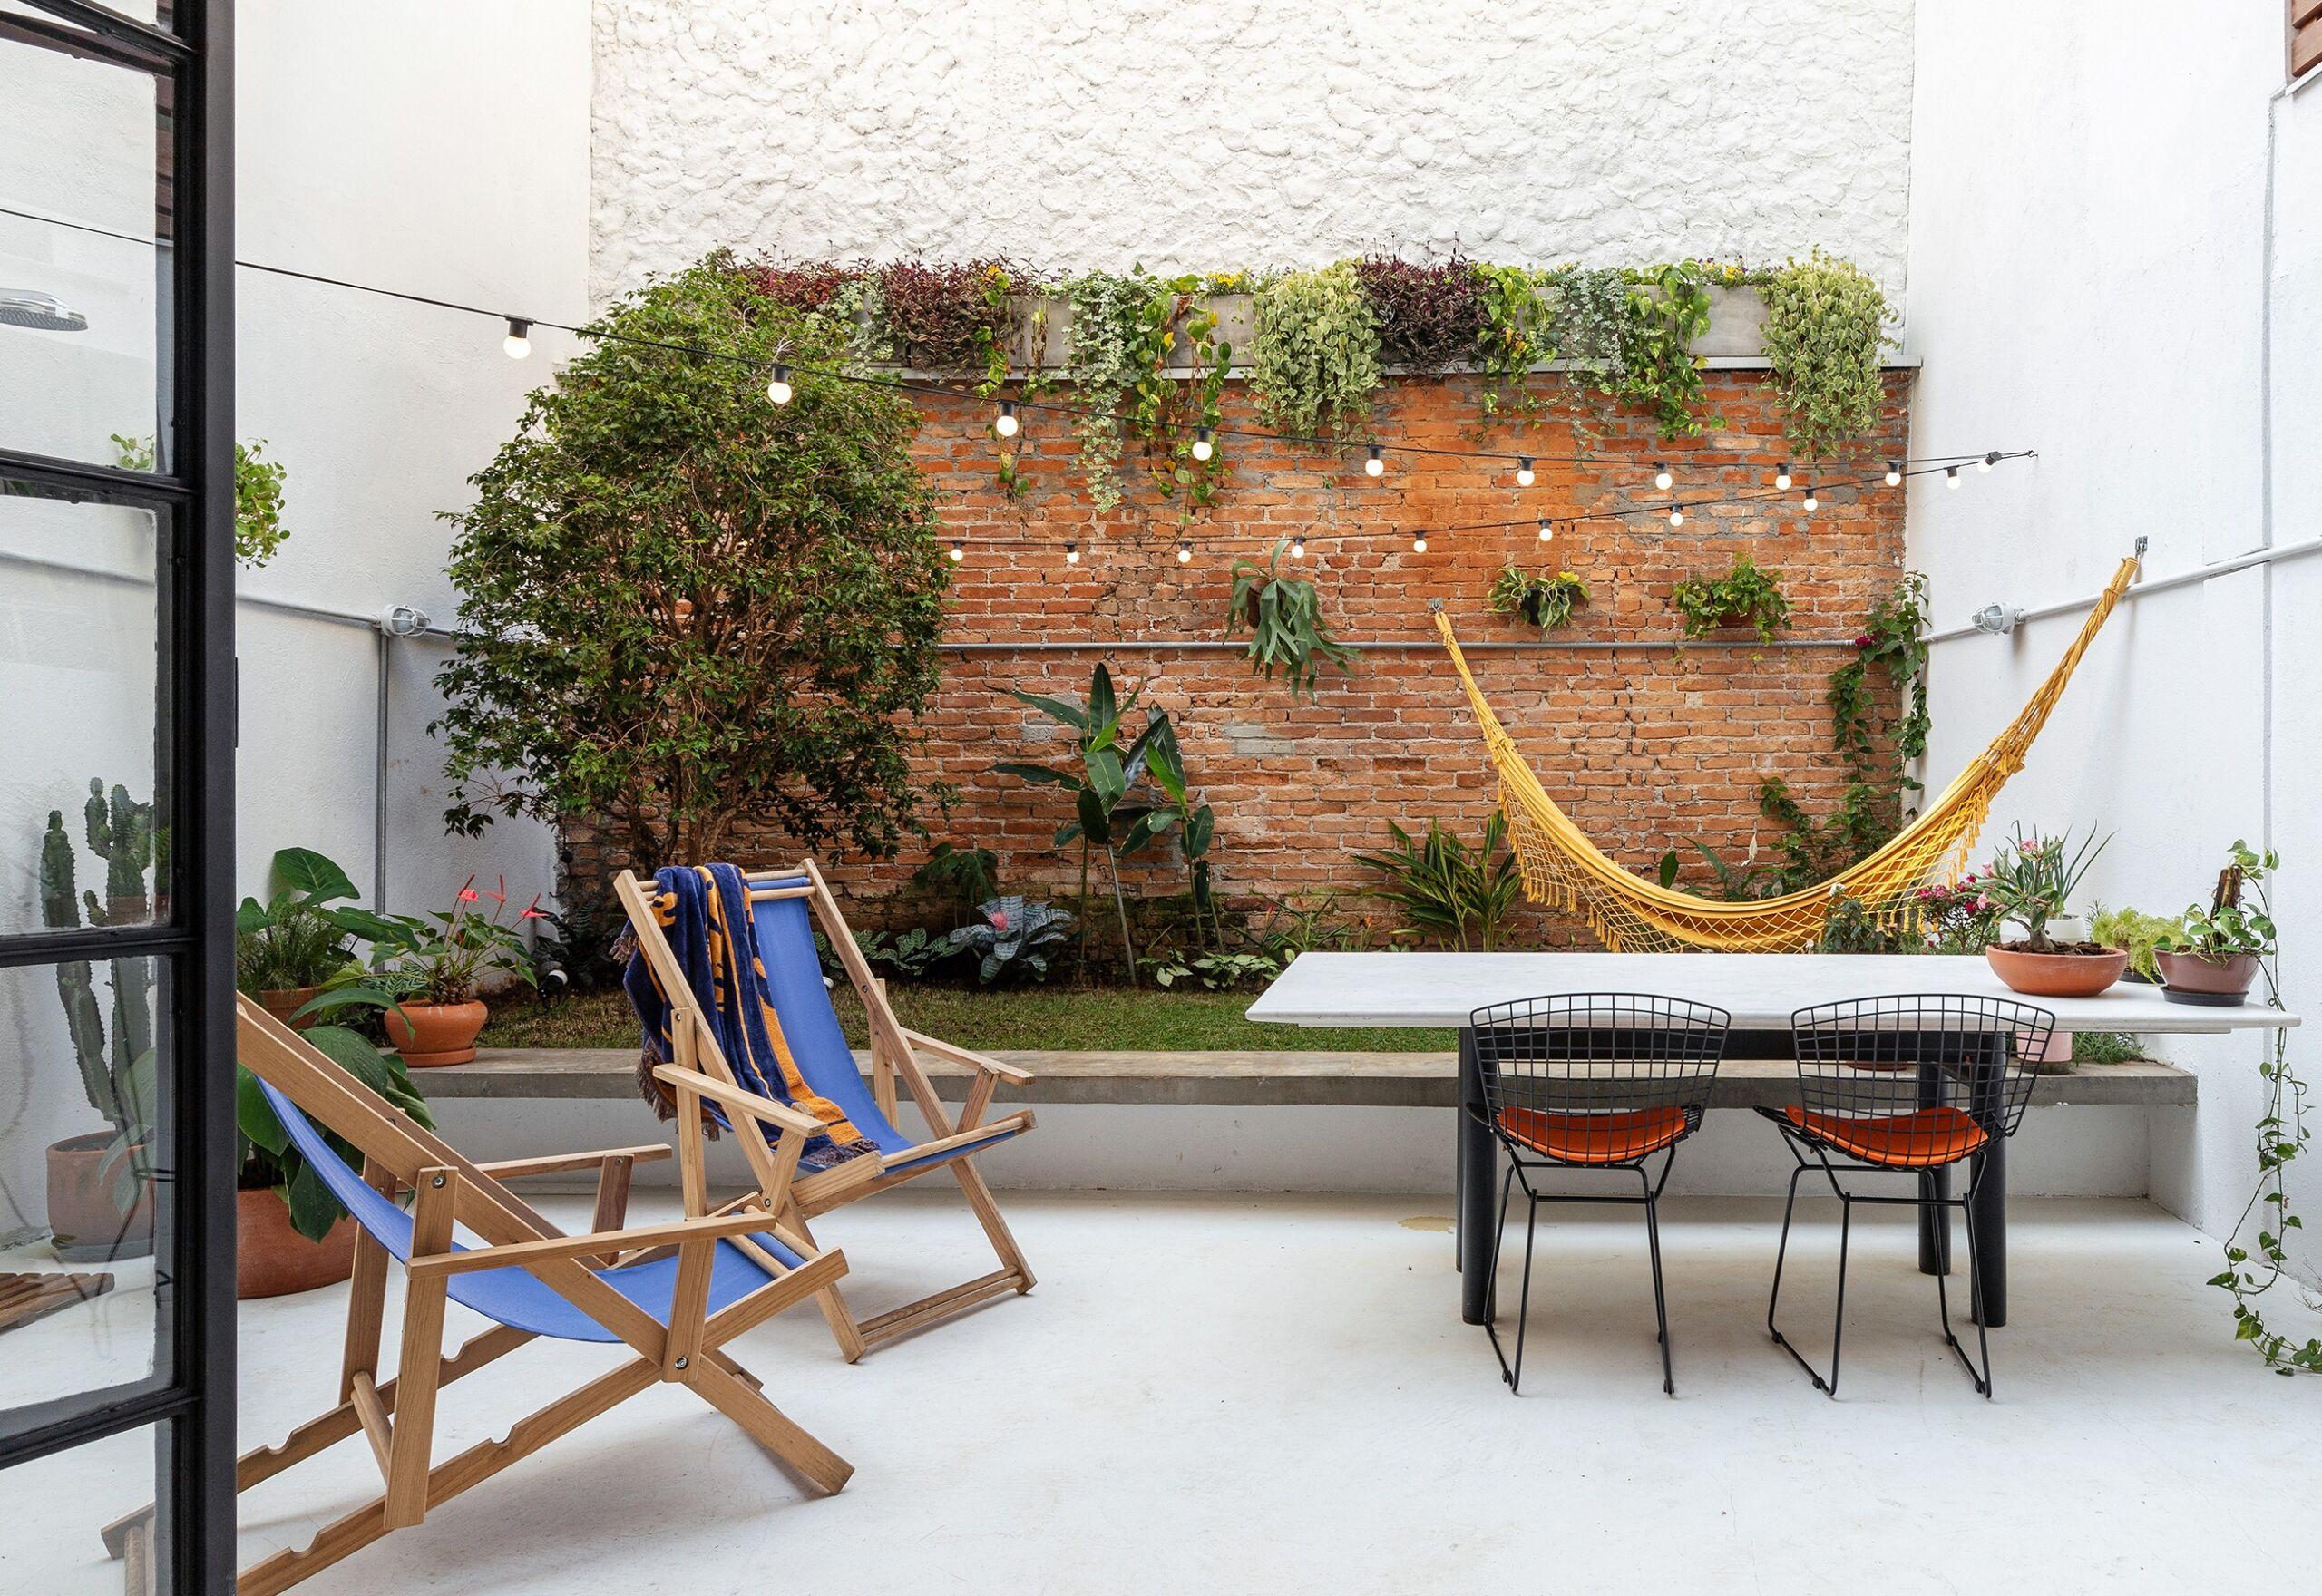 decoração quintal poltronas azuis rede amarela parede tijolos